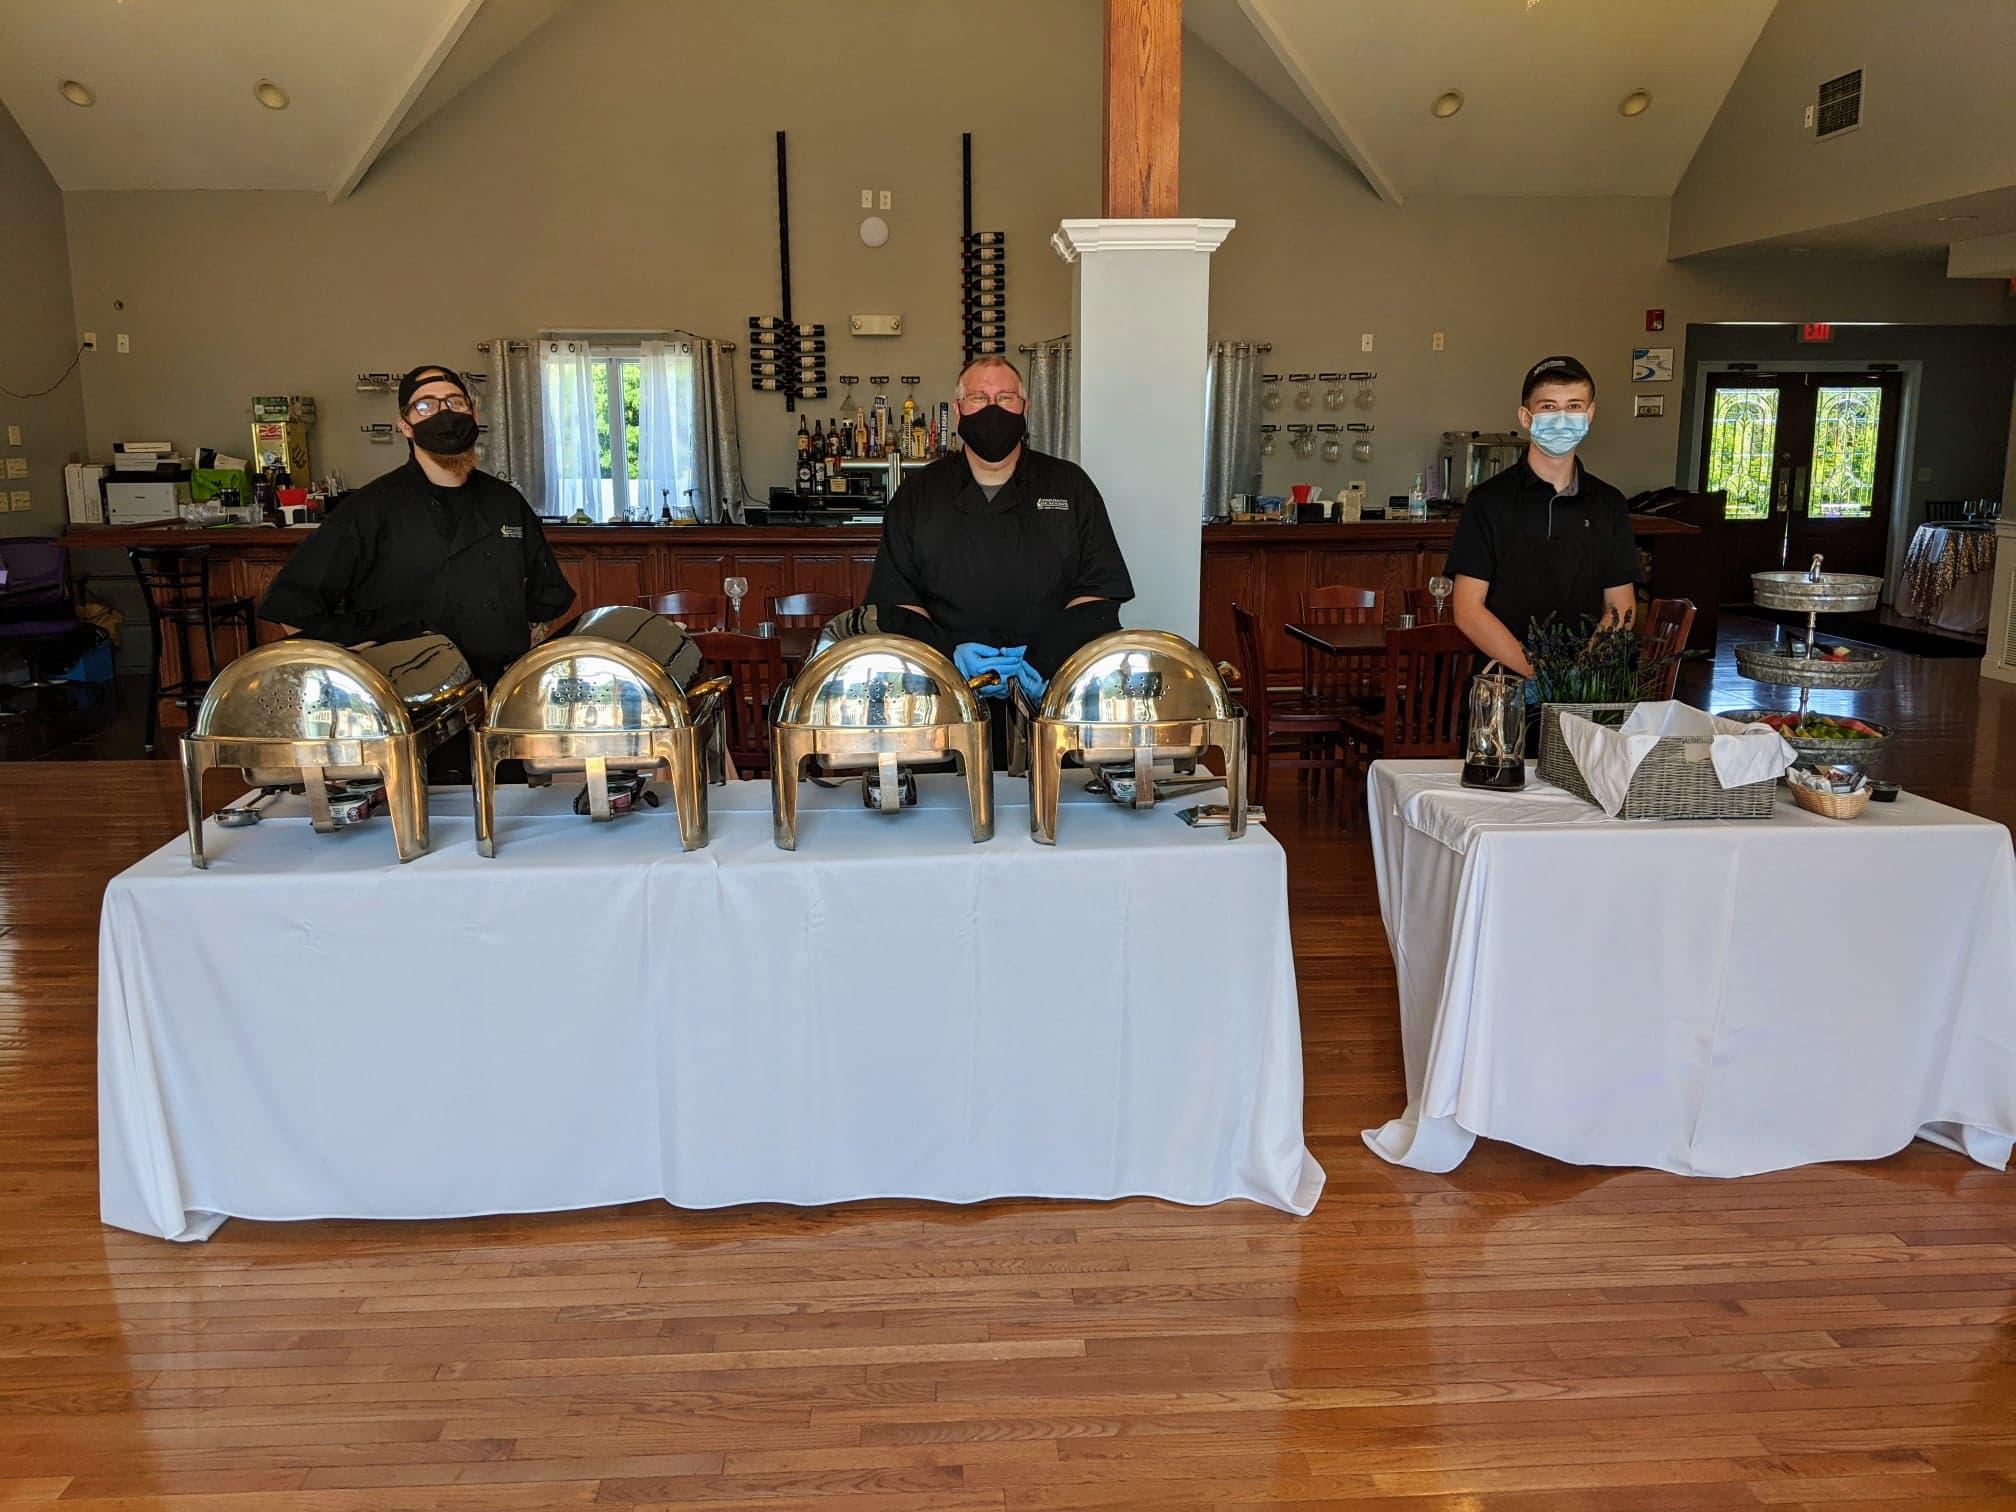 Chefs behind Buffet